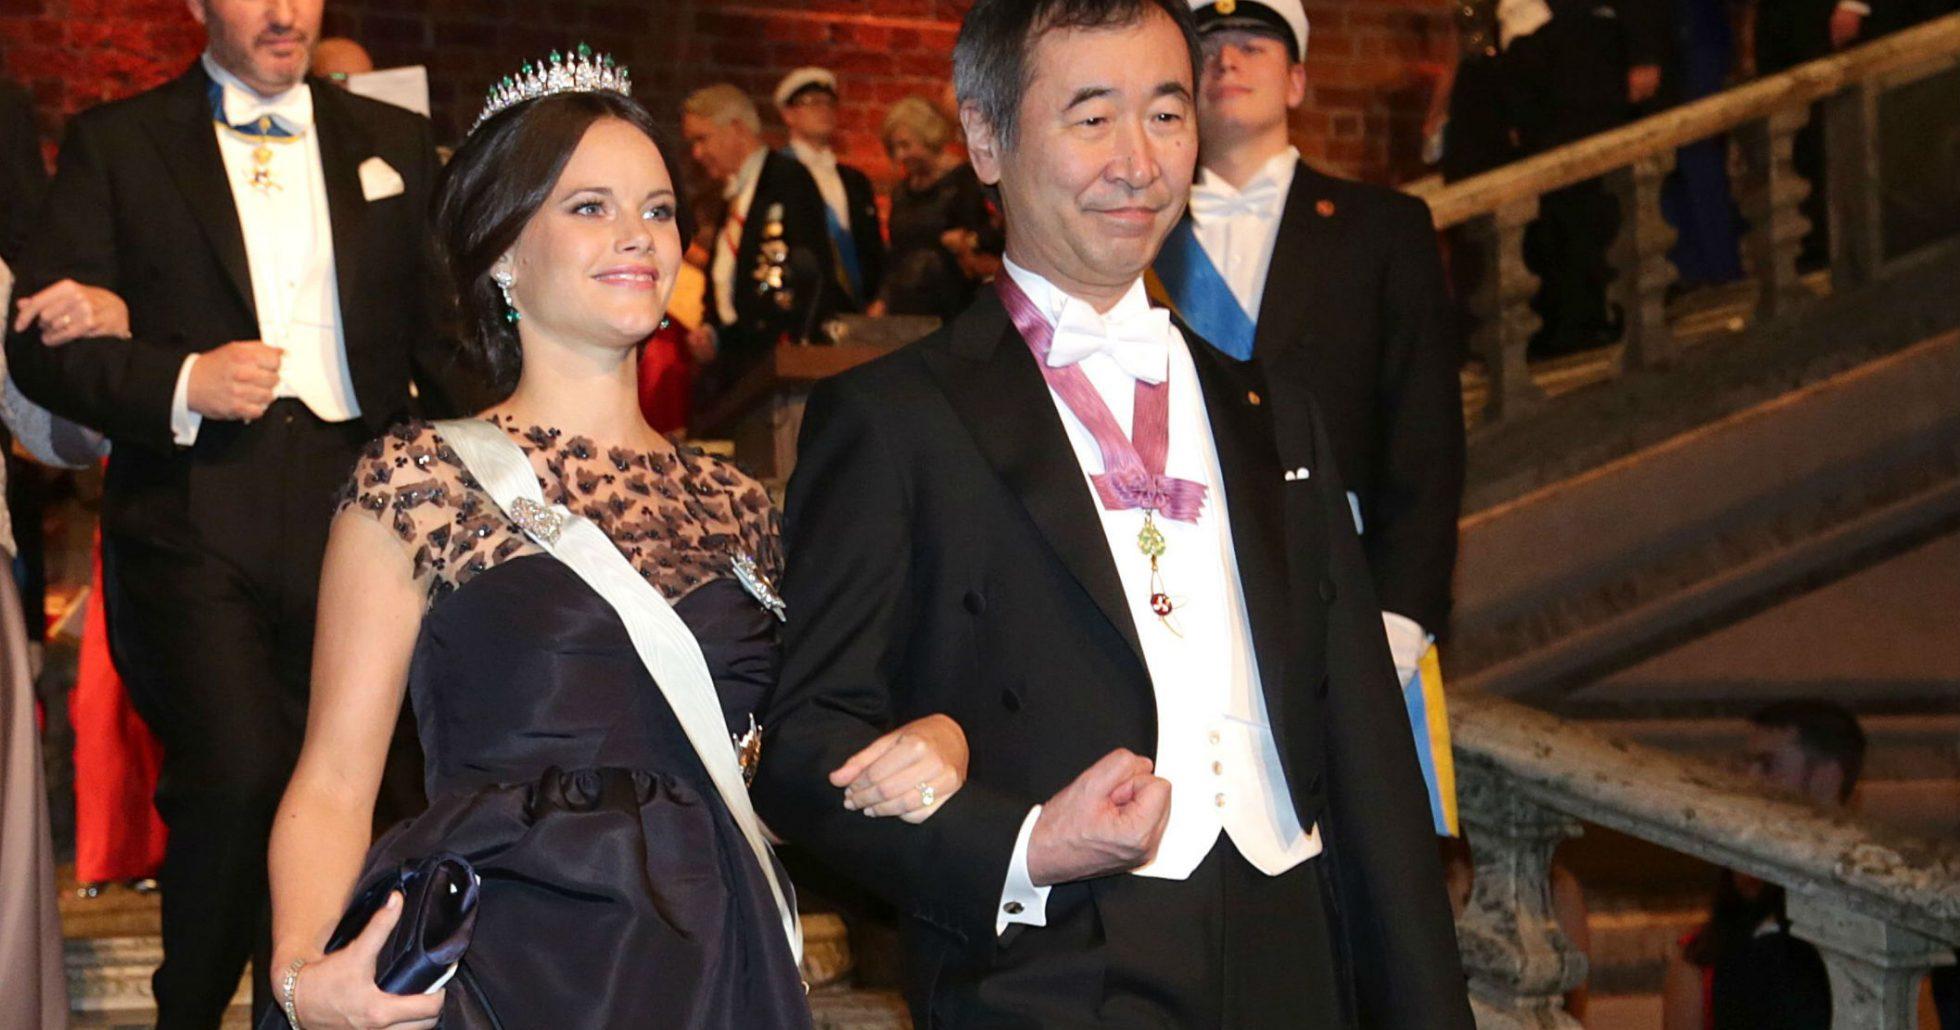 5 saker som prinsessorna har i Nobelväskan